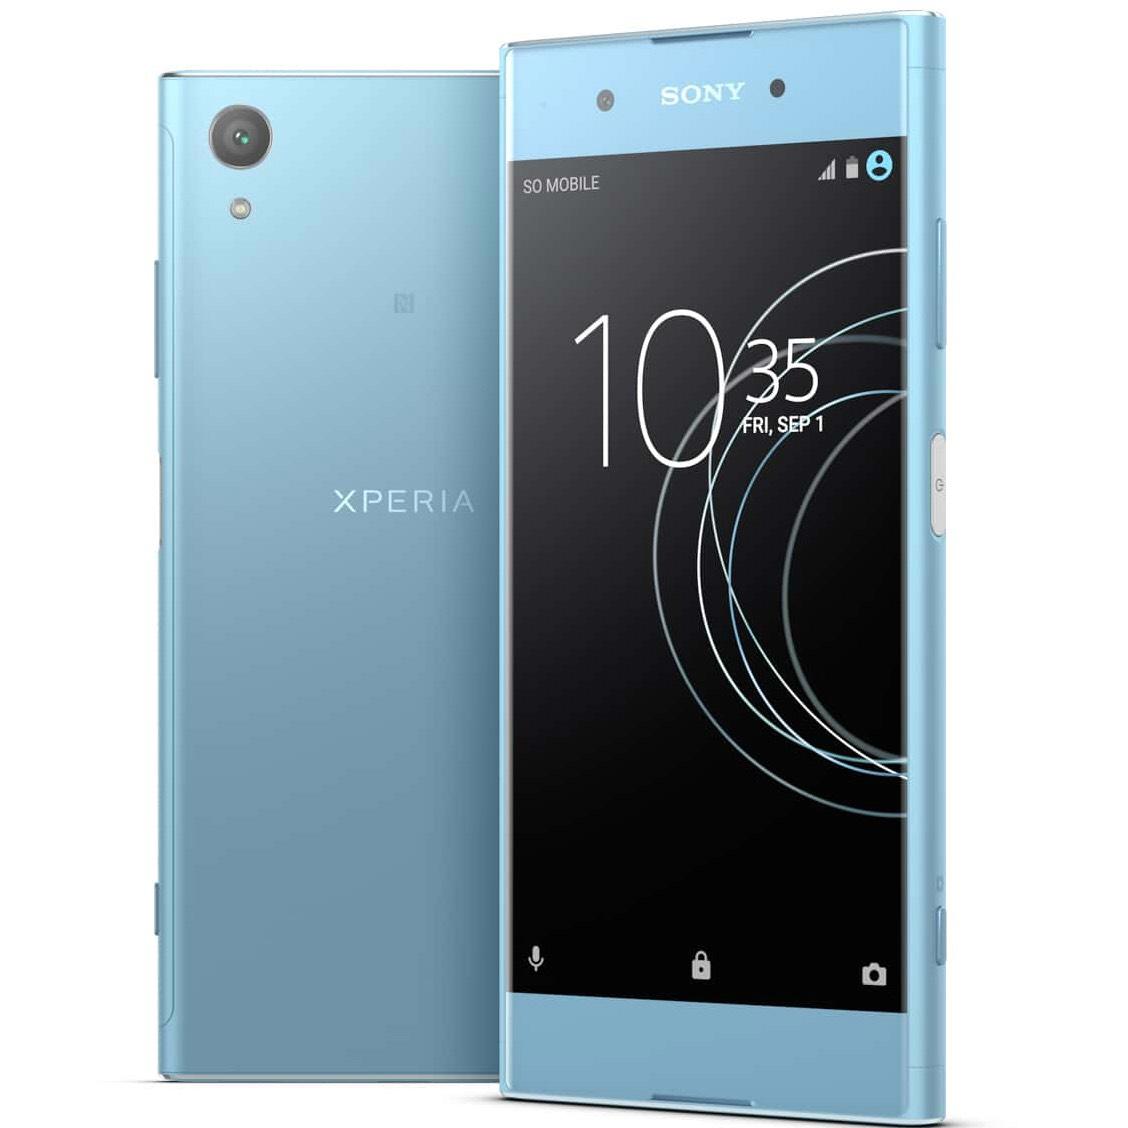 Sony Xperia XA 1 Plus in Blau, Gold oder Schwarz